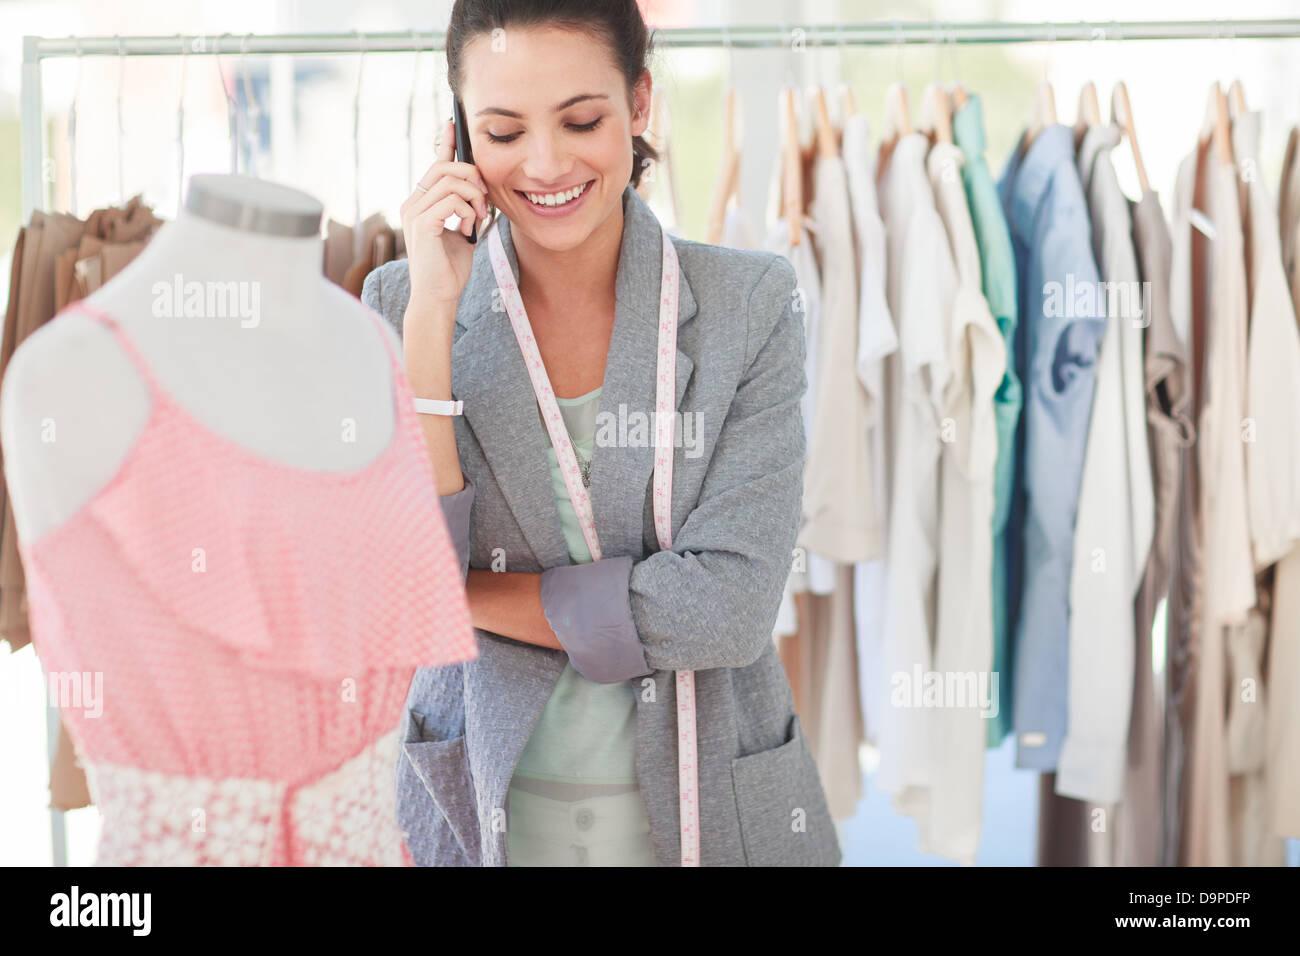 Fashion designer on the phone - Stock Image